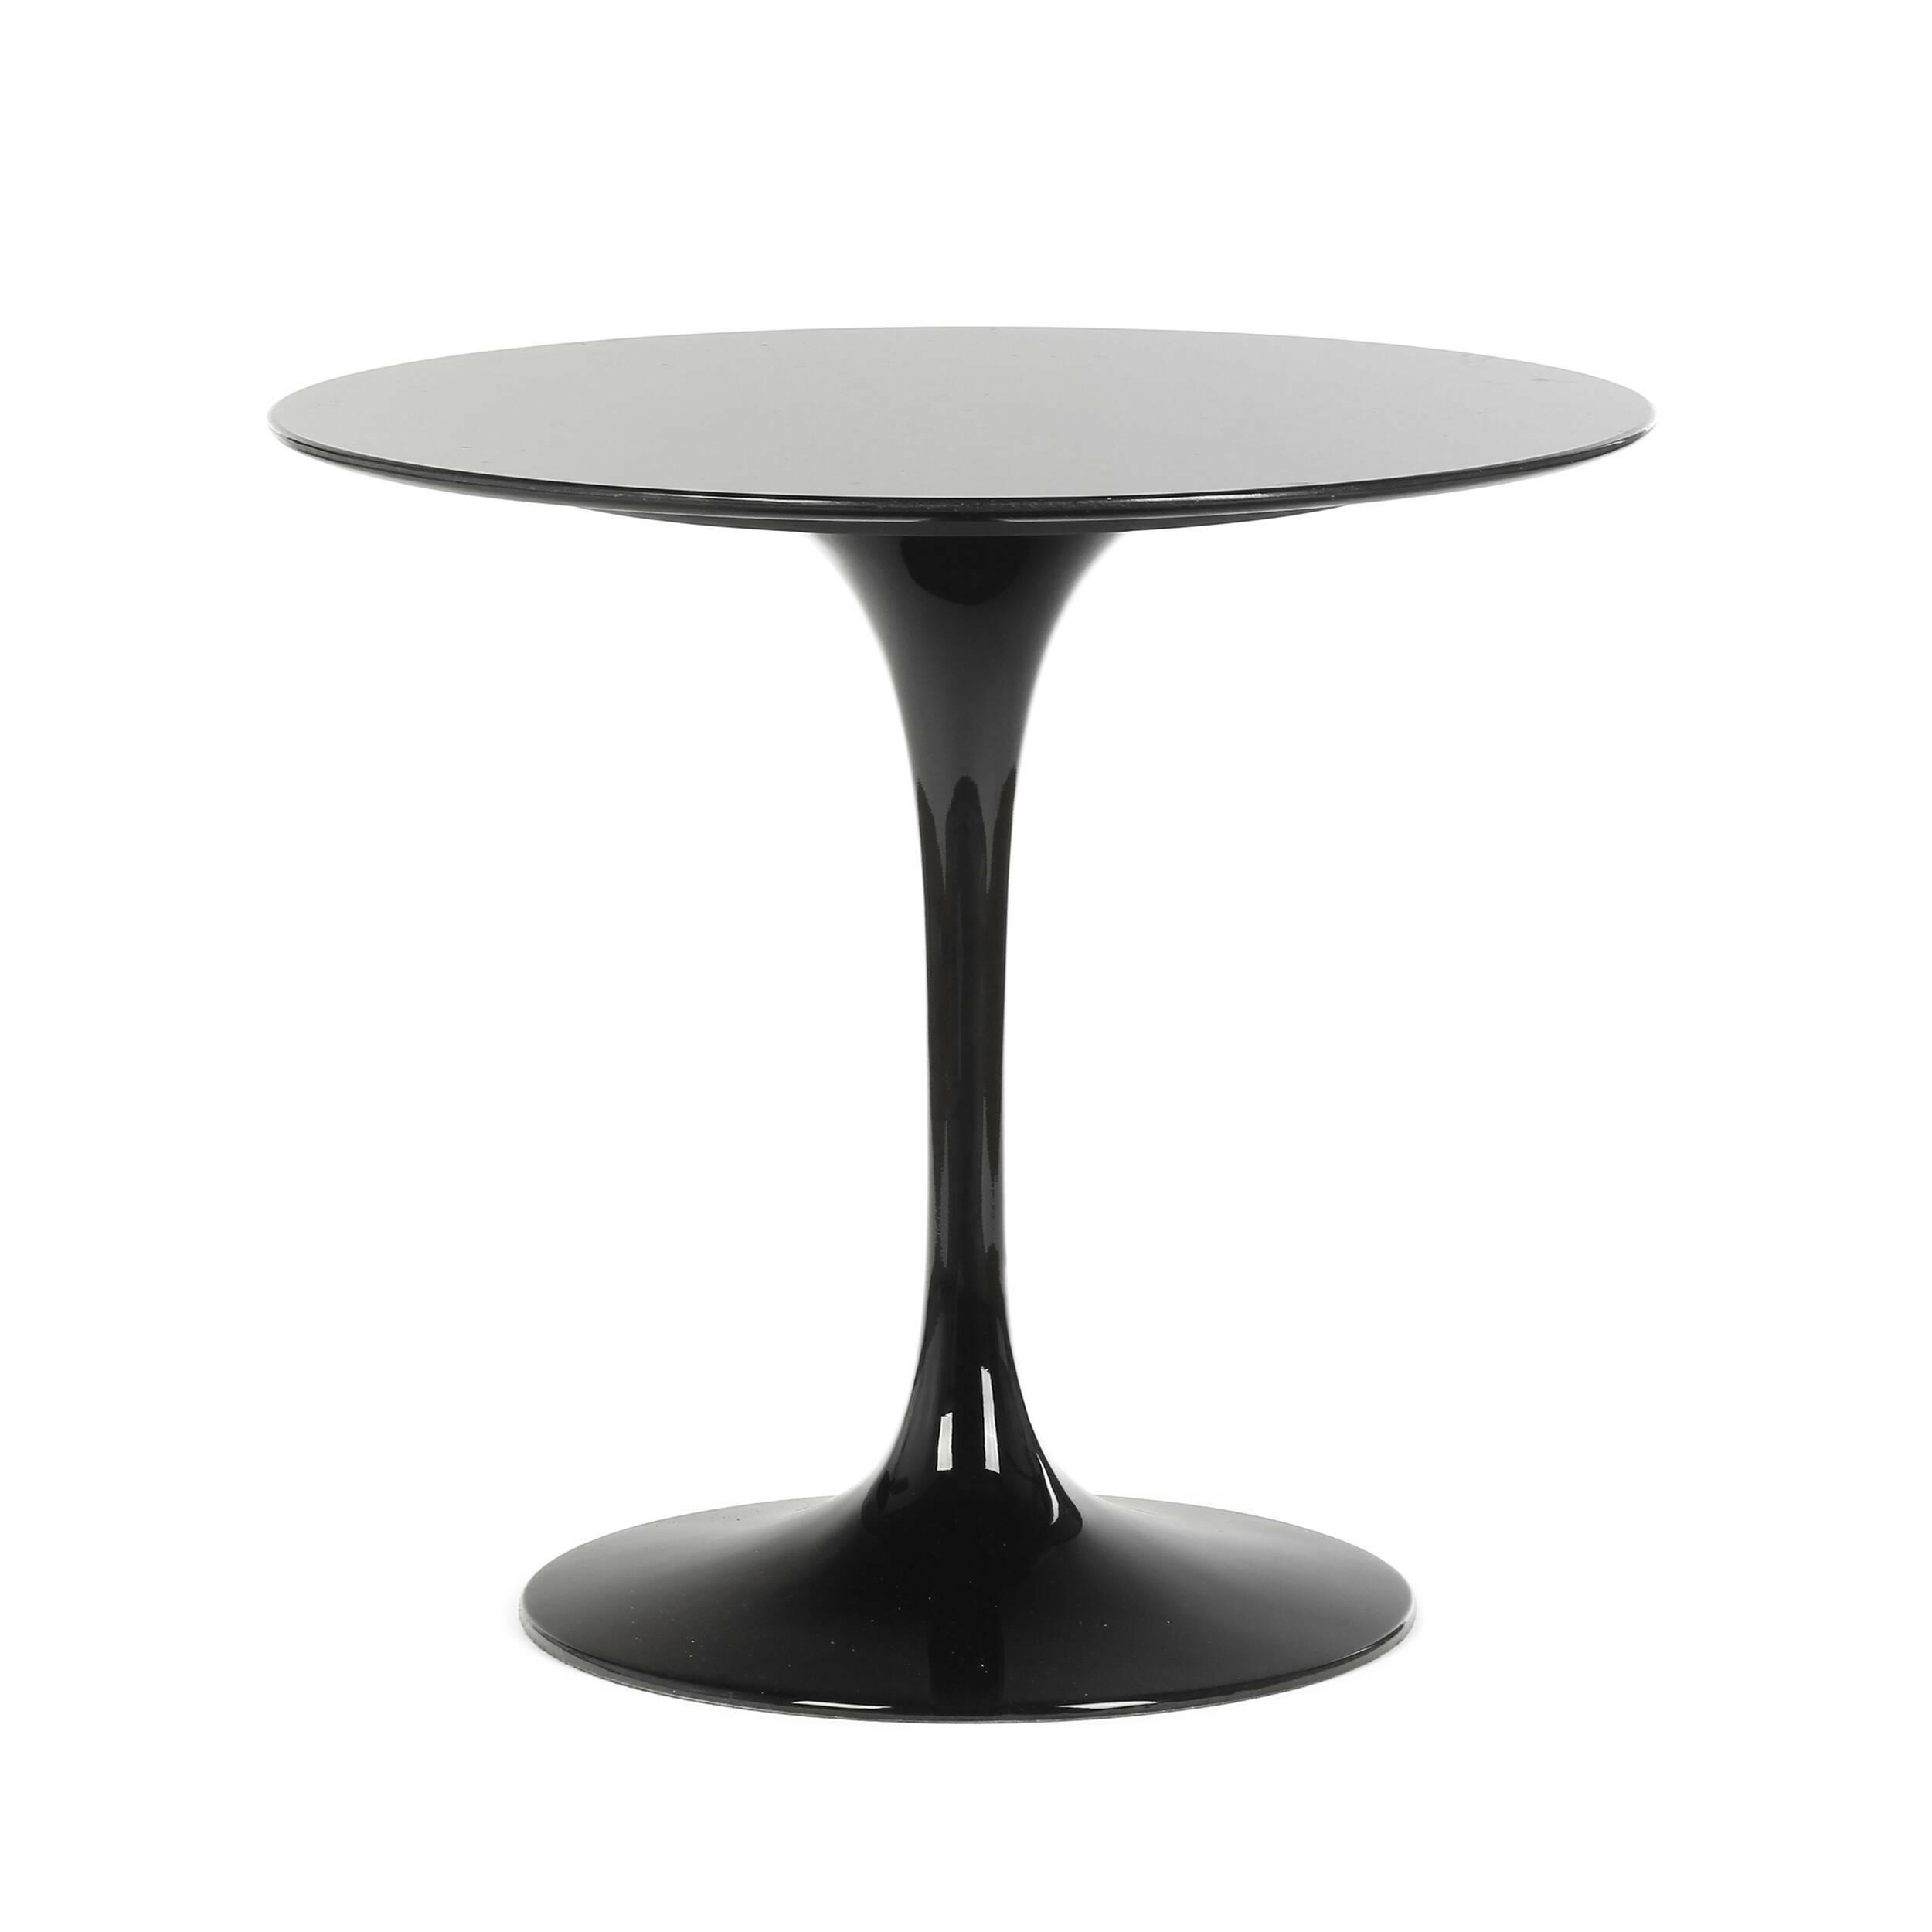 Купить Стол обеденный круглый DT17313A, Cosmo